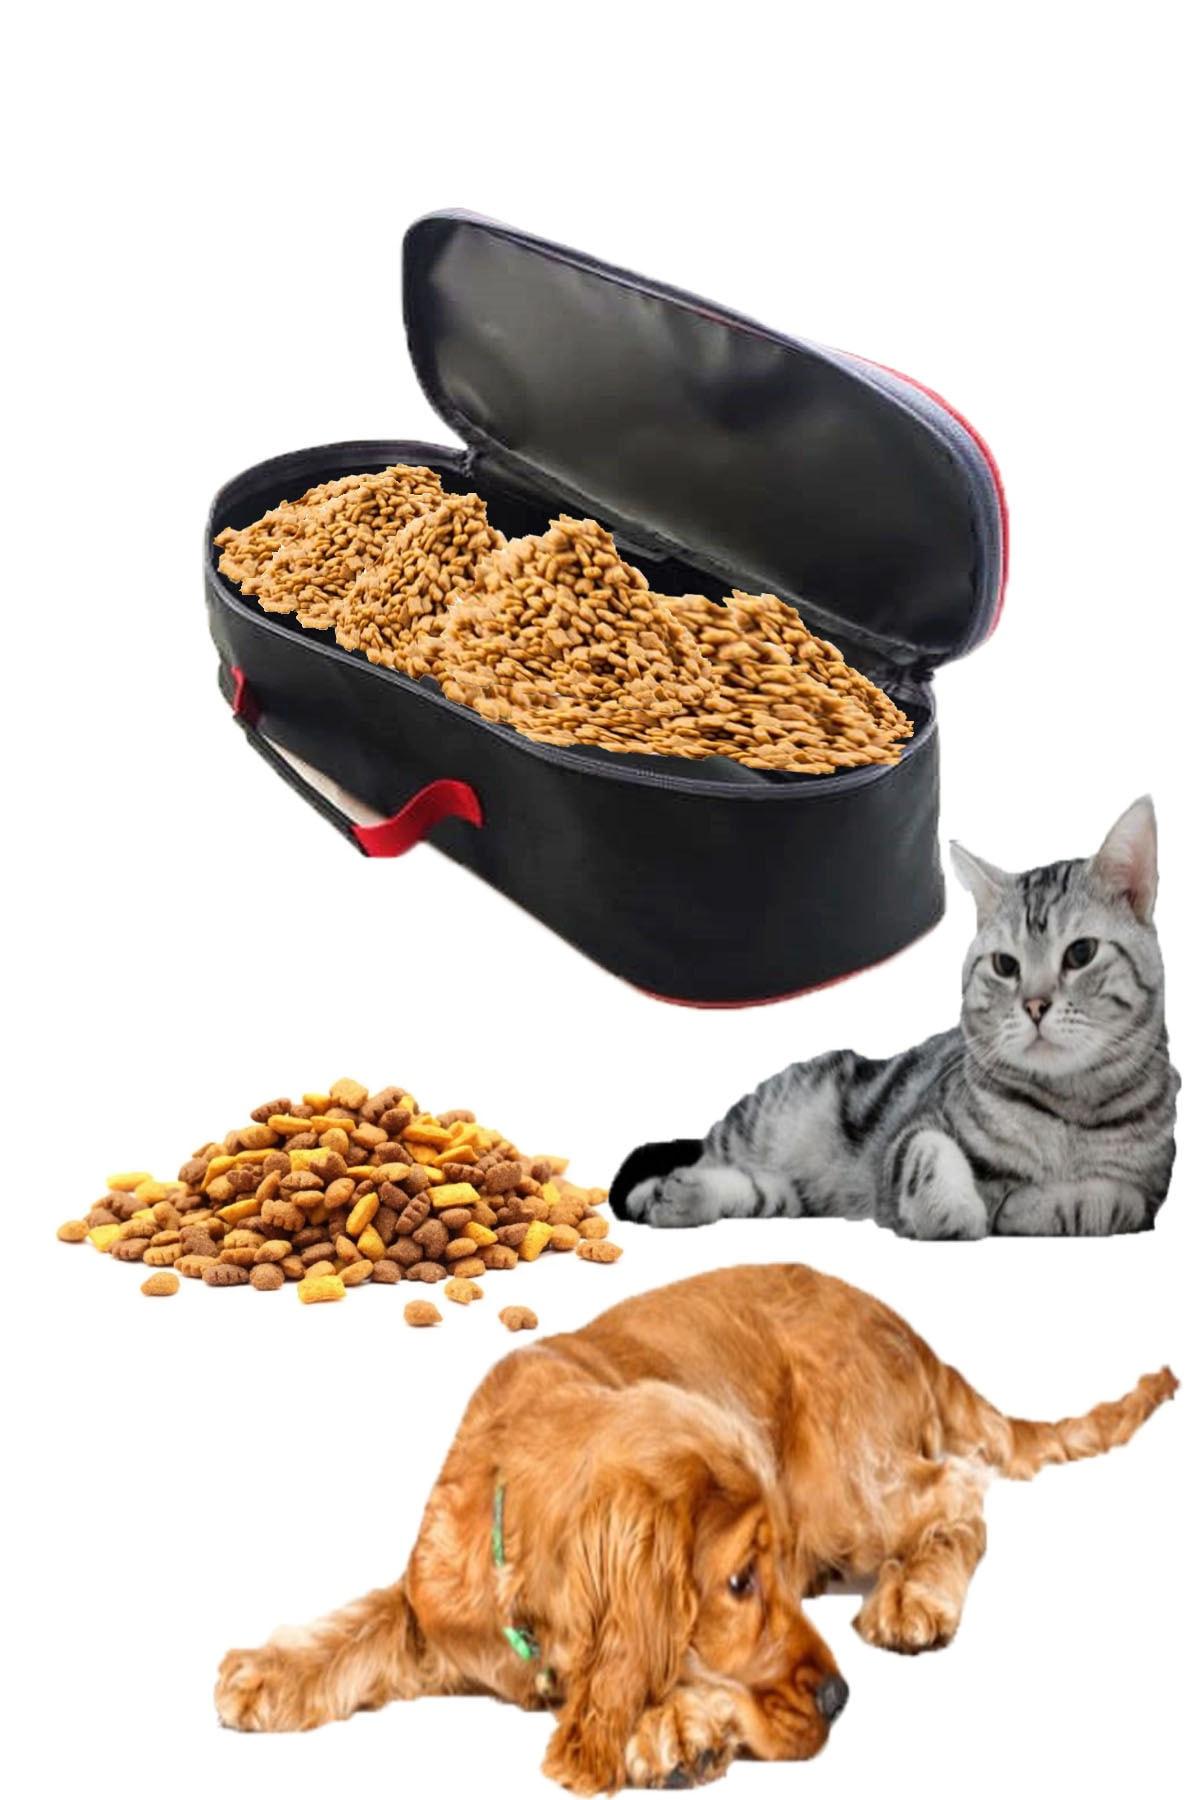 Carneil Evcil Hayvan Kedi Köpek Mama İlaç Eşya Oyuncak Saklama Taşıma Çantası 2